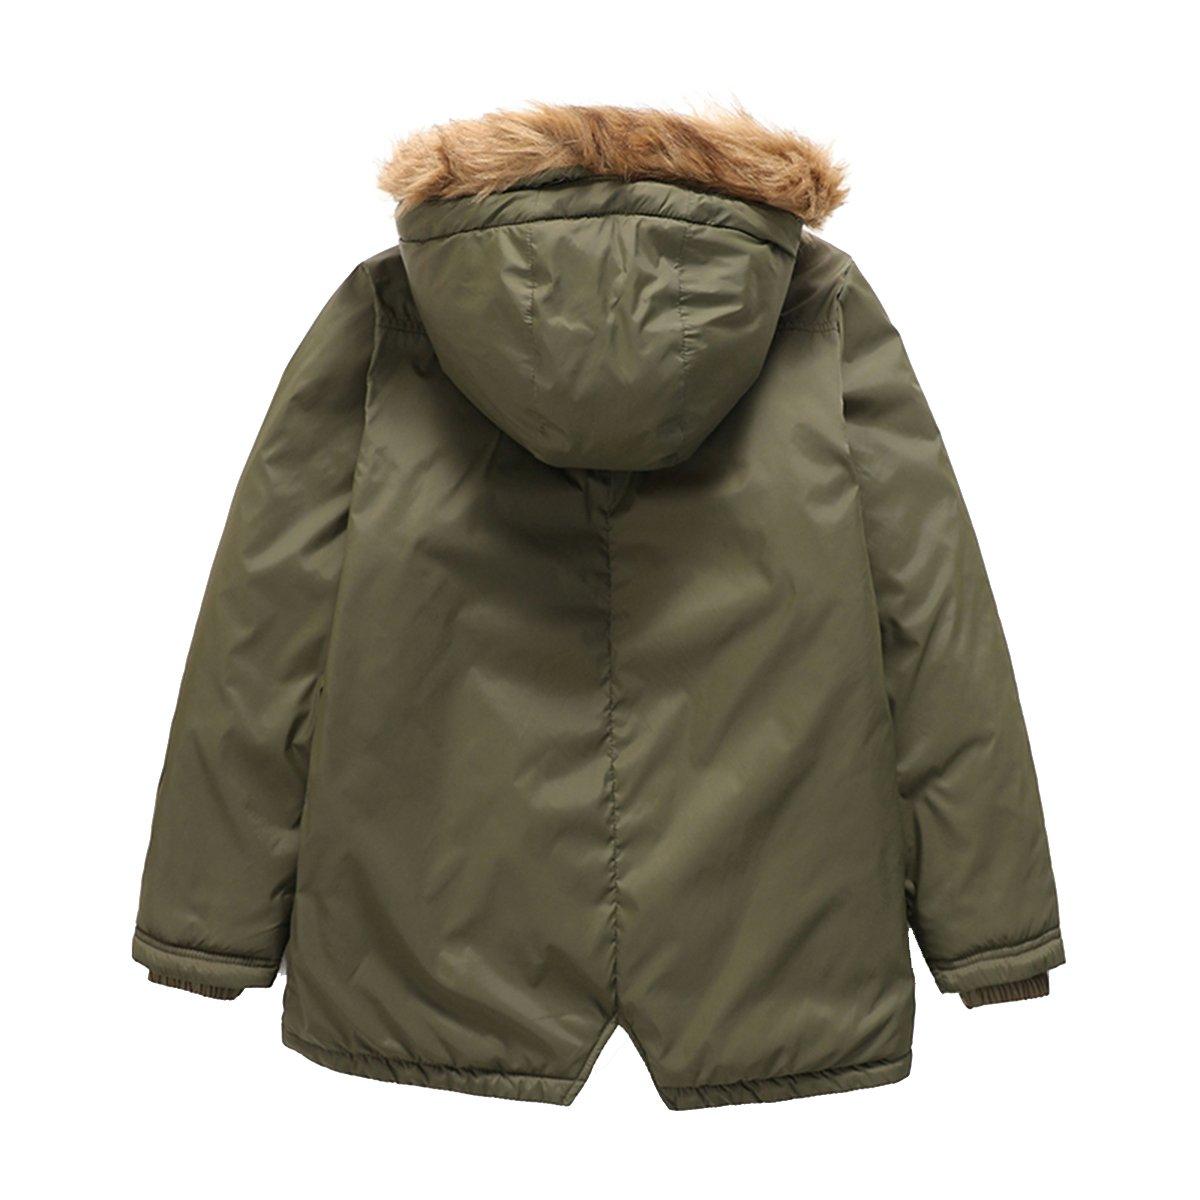 PHIBEE Girls Cotton Winter Windproof Faux Fur Hooded Parka Jacket